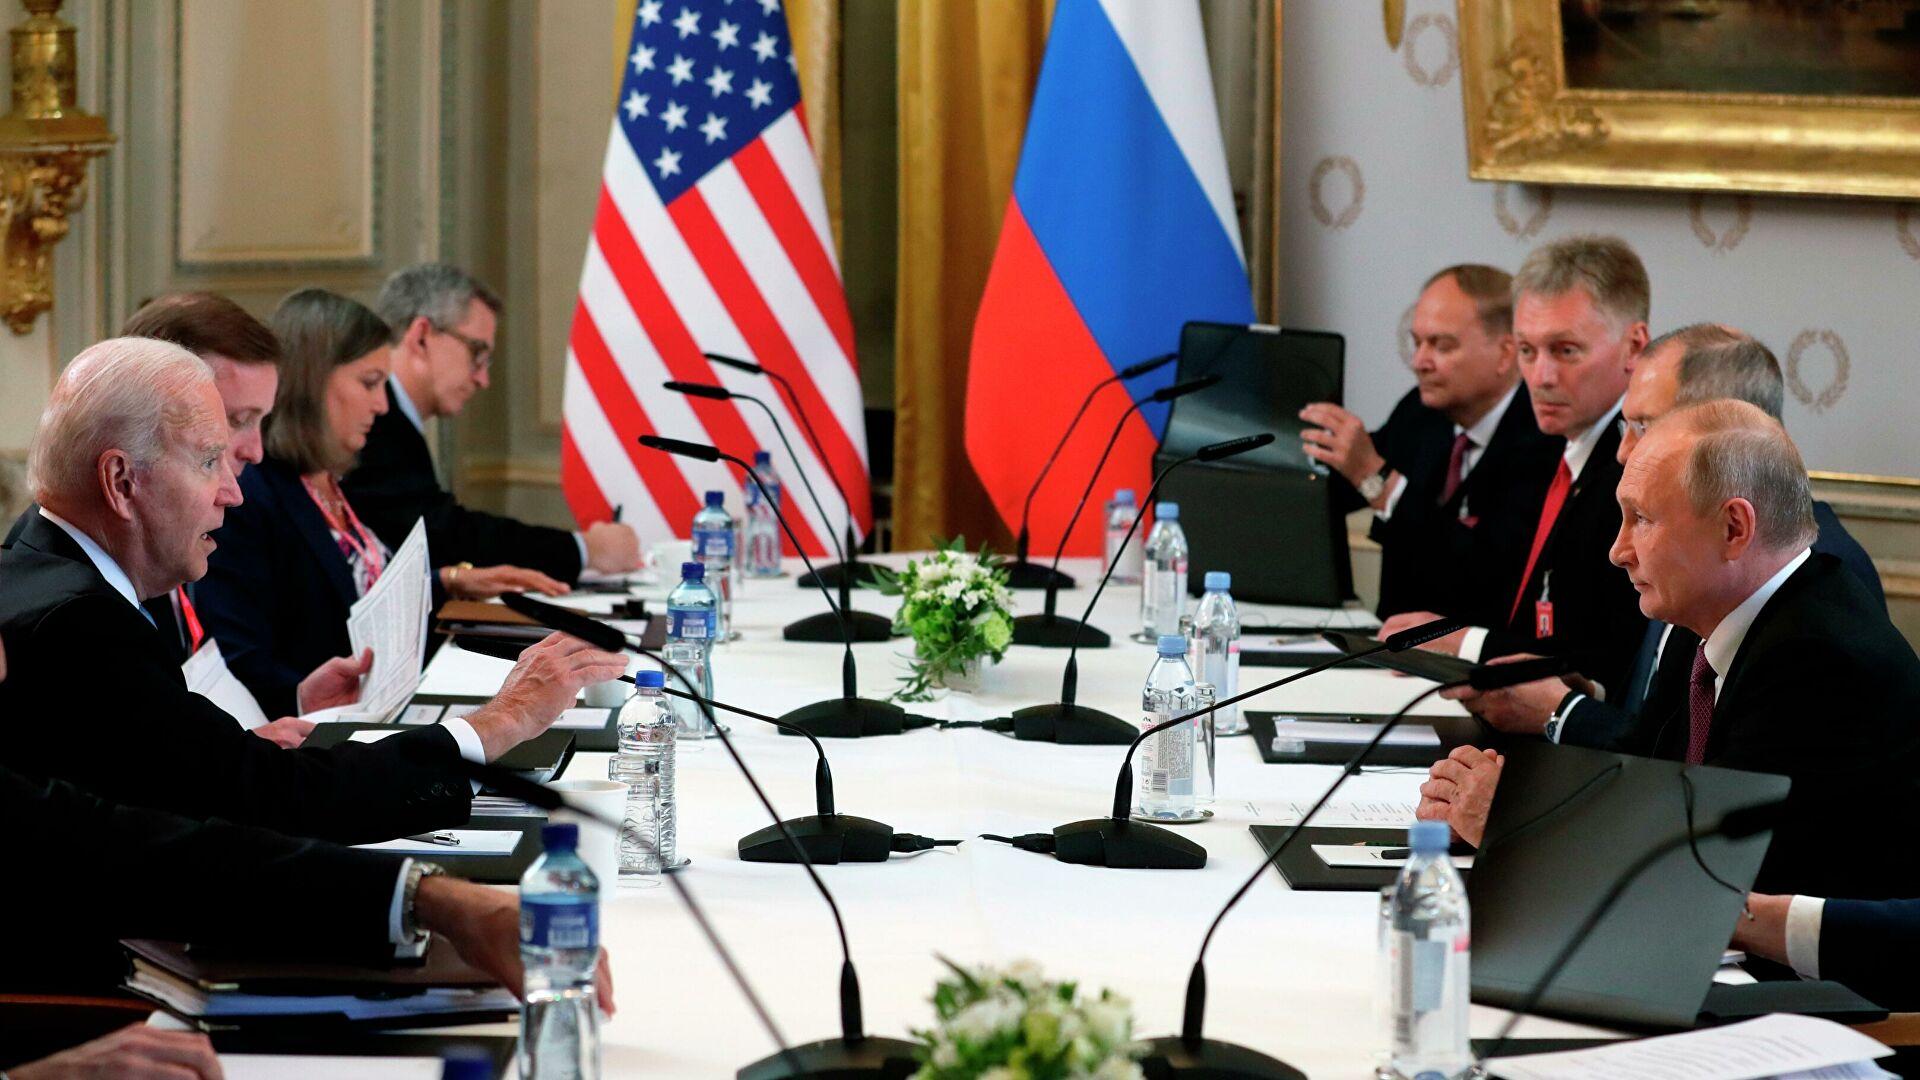 Путин: Разговор био конструктиван, враћају се амбасадори